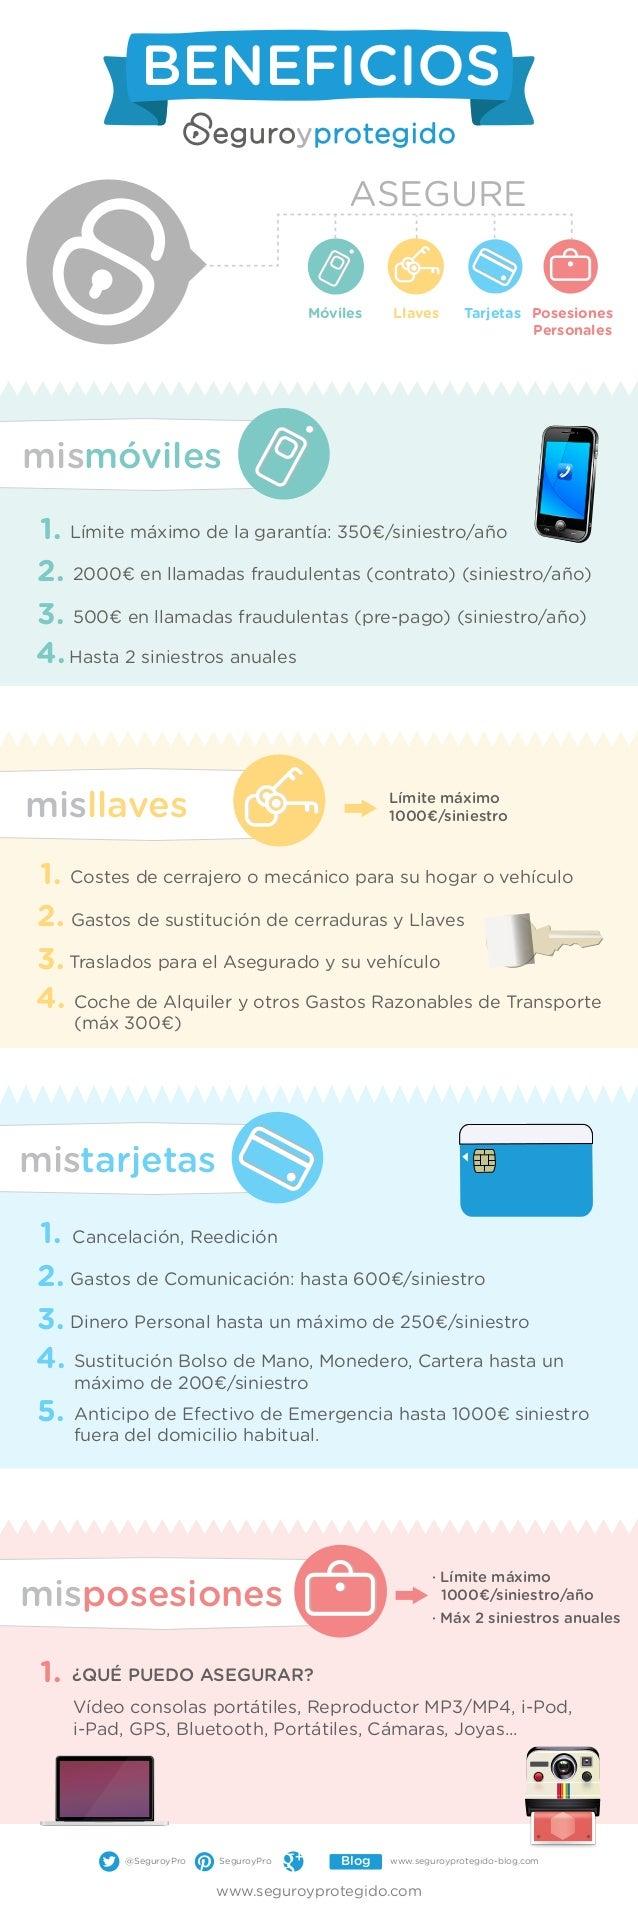 BENEFICIOS mismóviles misllaves mistarjetas misposesiones ASEGURE 1. Límite máximo de la garantía: 350€/siniestro/año 2. 2...